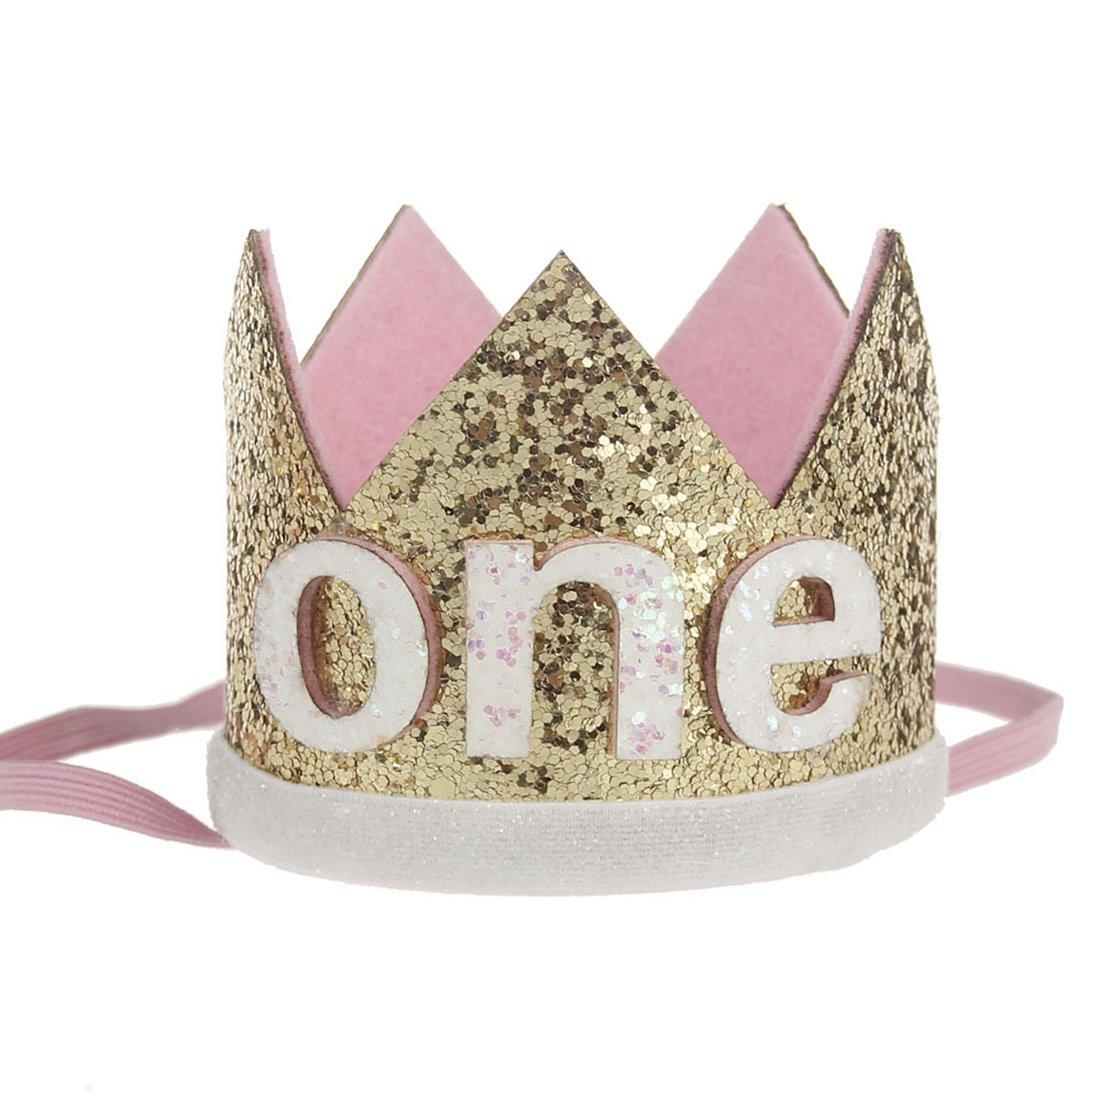 JMITHA Bébé Fête d'anniversaire Bandeaux de couronne bandeau de cheveux bébé fille avec fleur Photographie Belles Fleur Cheveux Accessoires Couronne Bande de cheveux